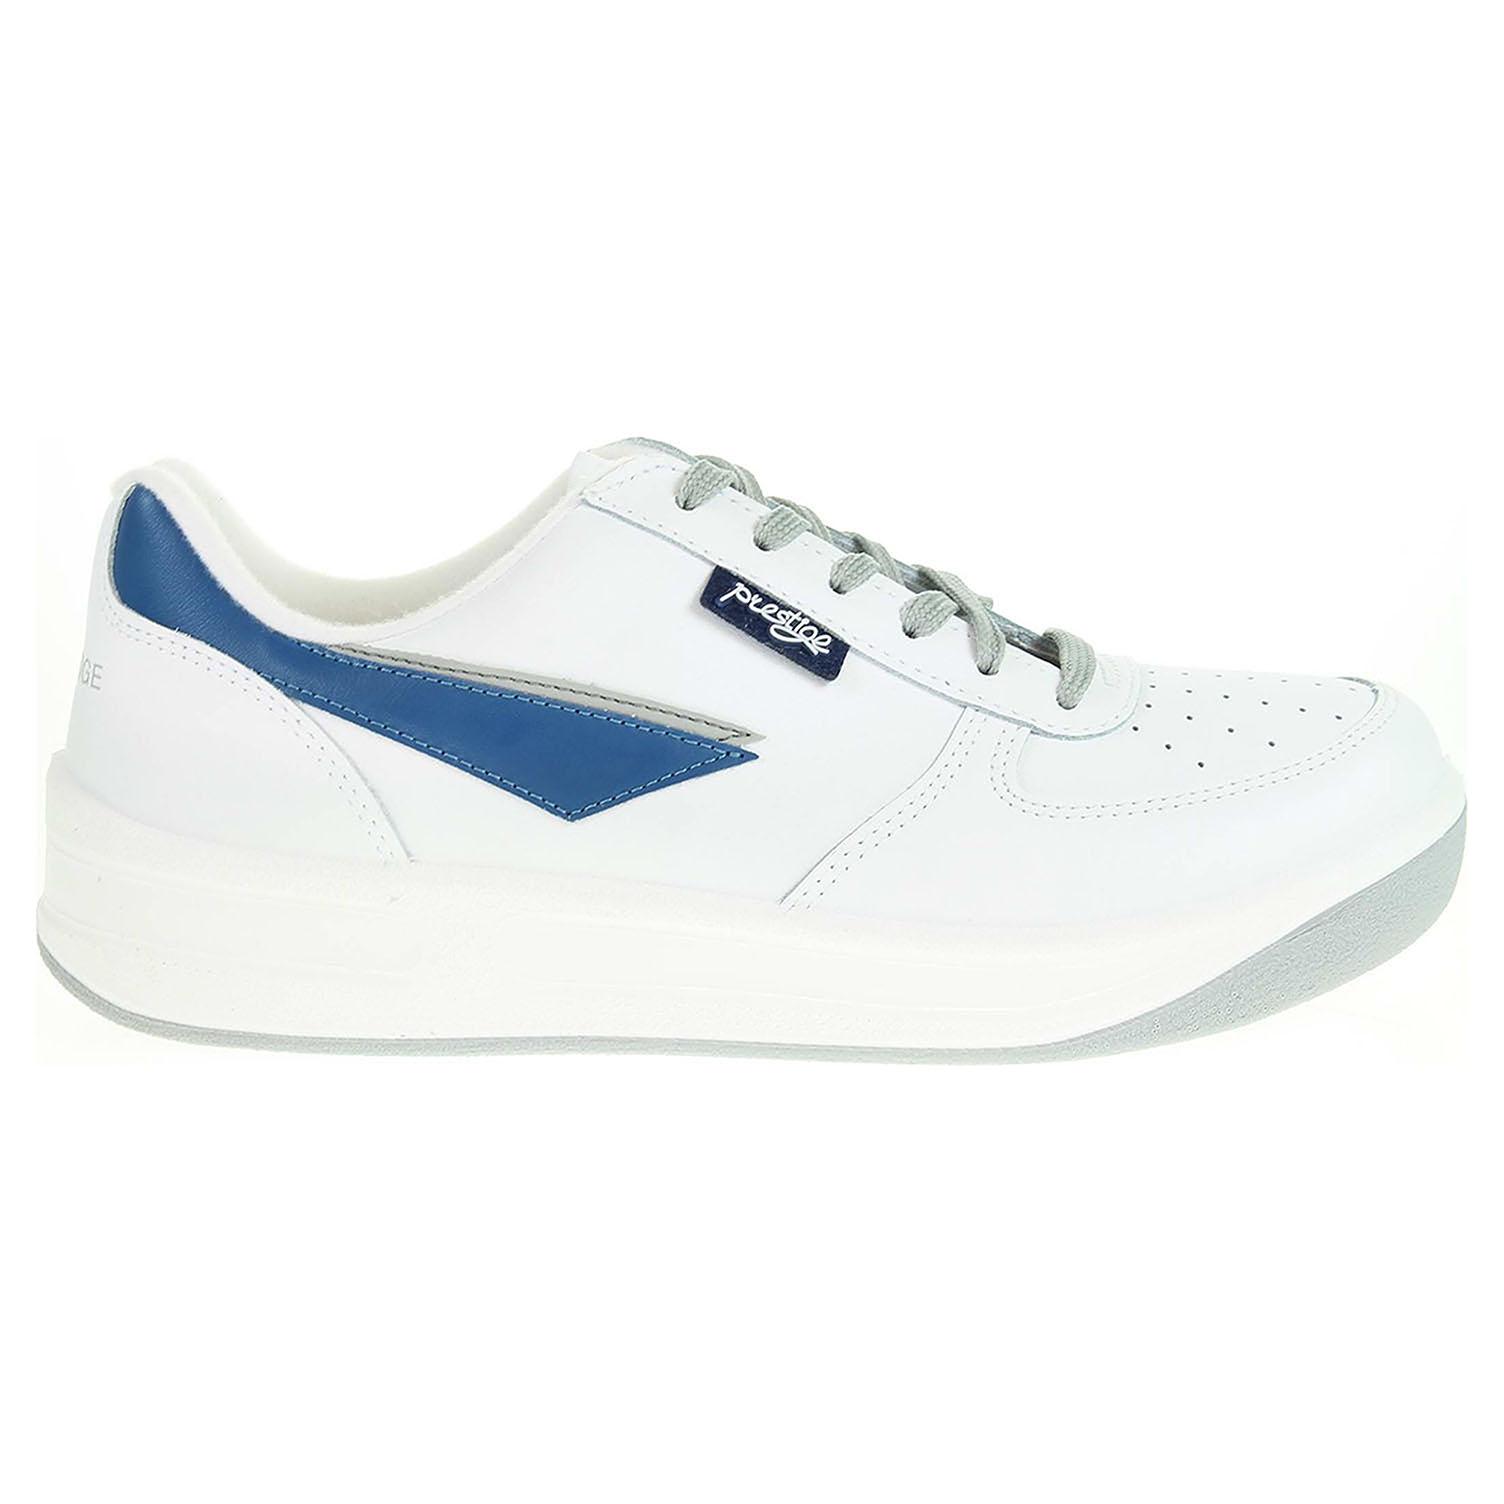 Ecco Prestige dámská obuv 86808-10 bílá 23900196 29f5f6c80d4